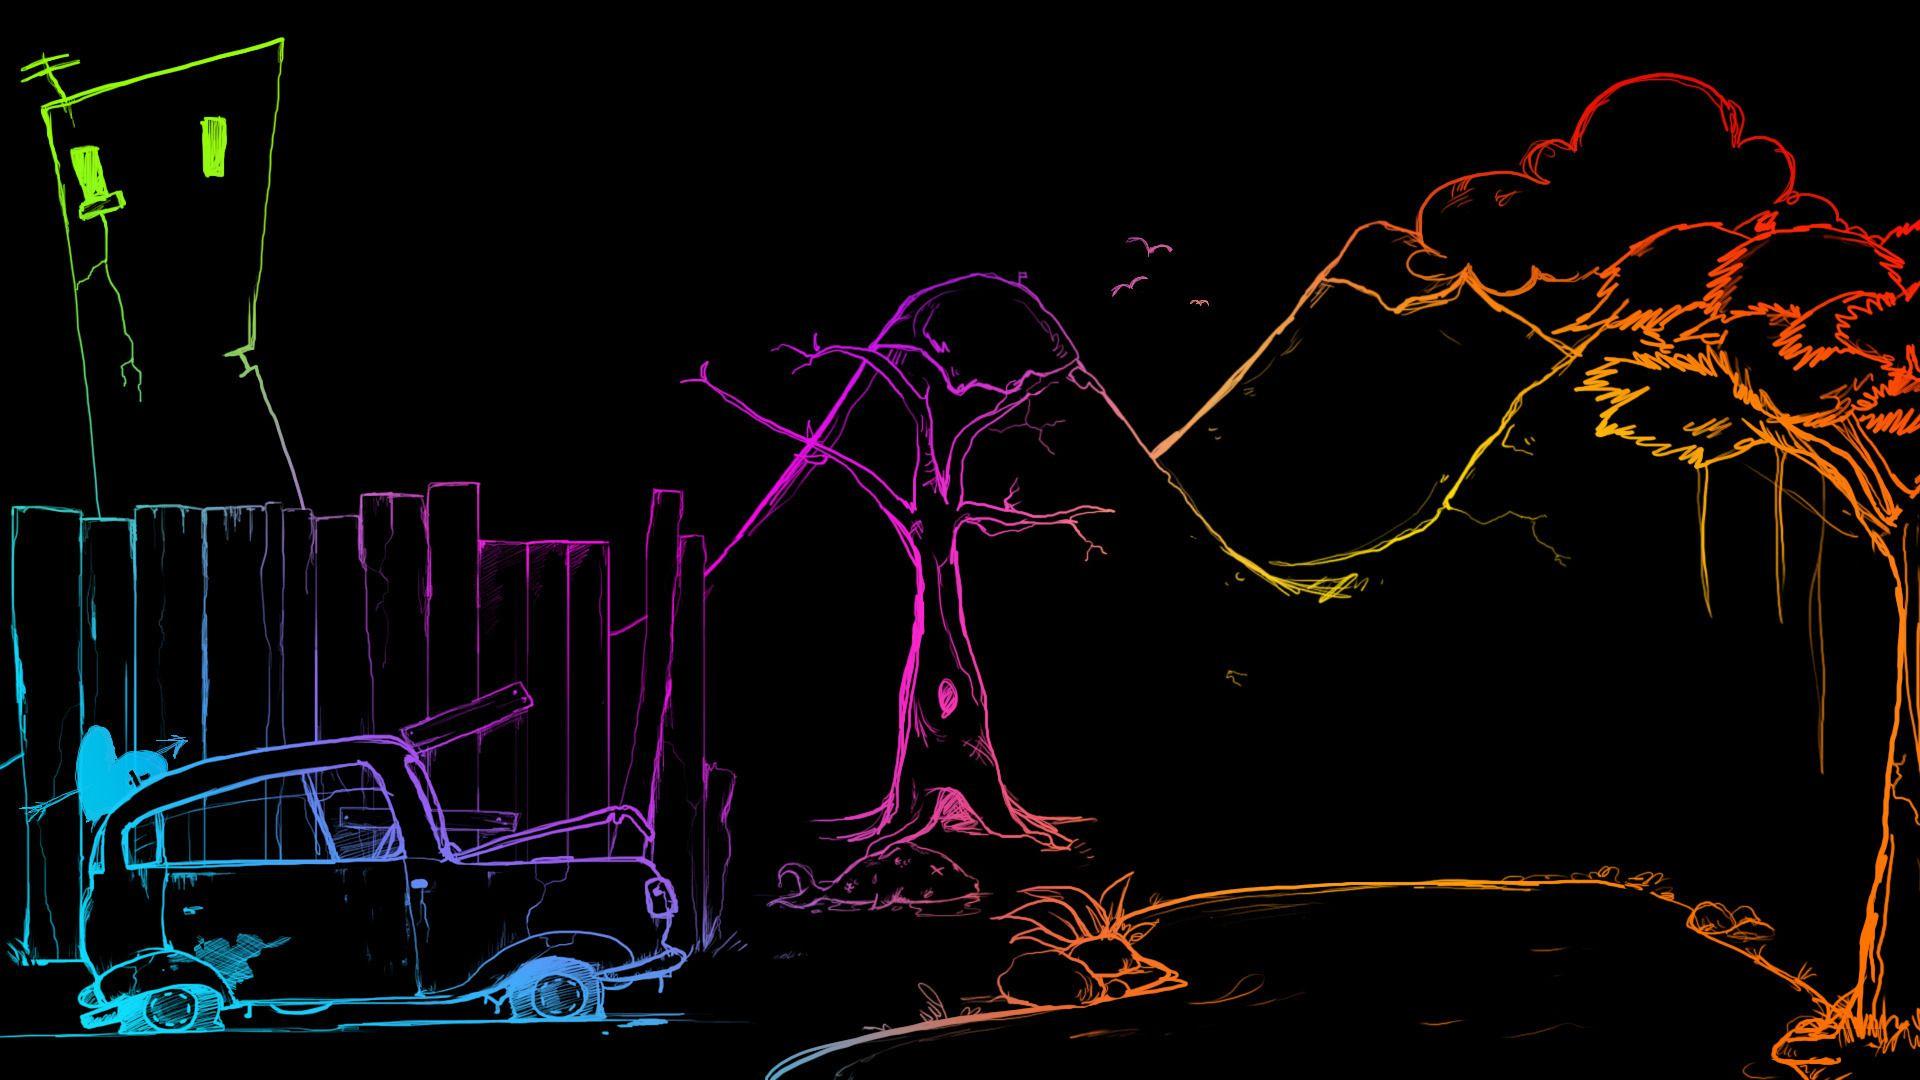 Light Art Work 1080p HD Wallpaper 1080p HD Wallpapers